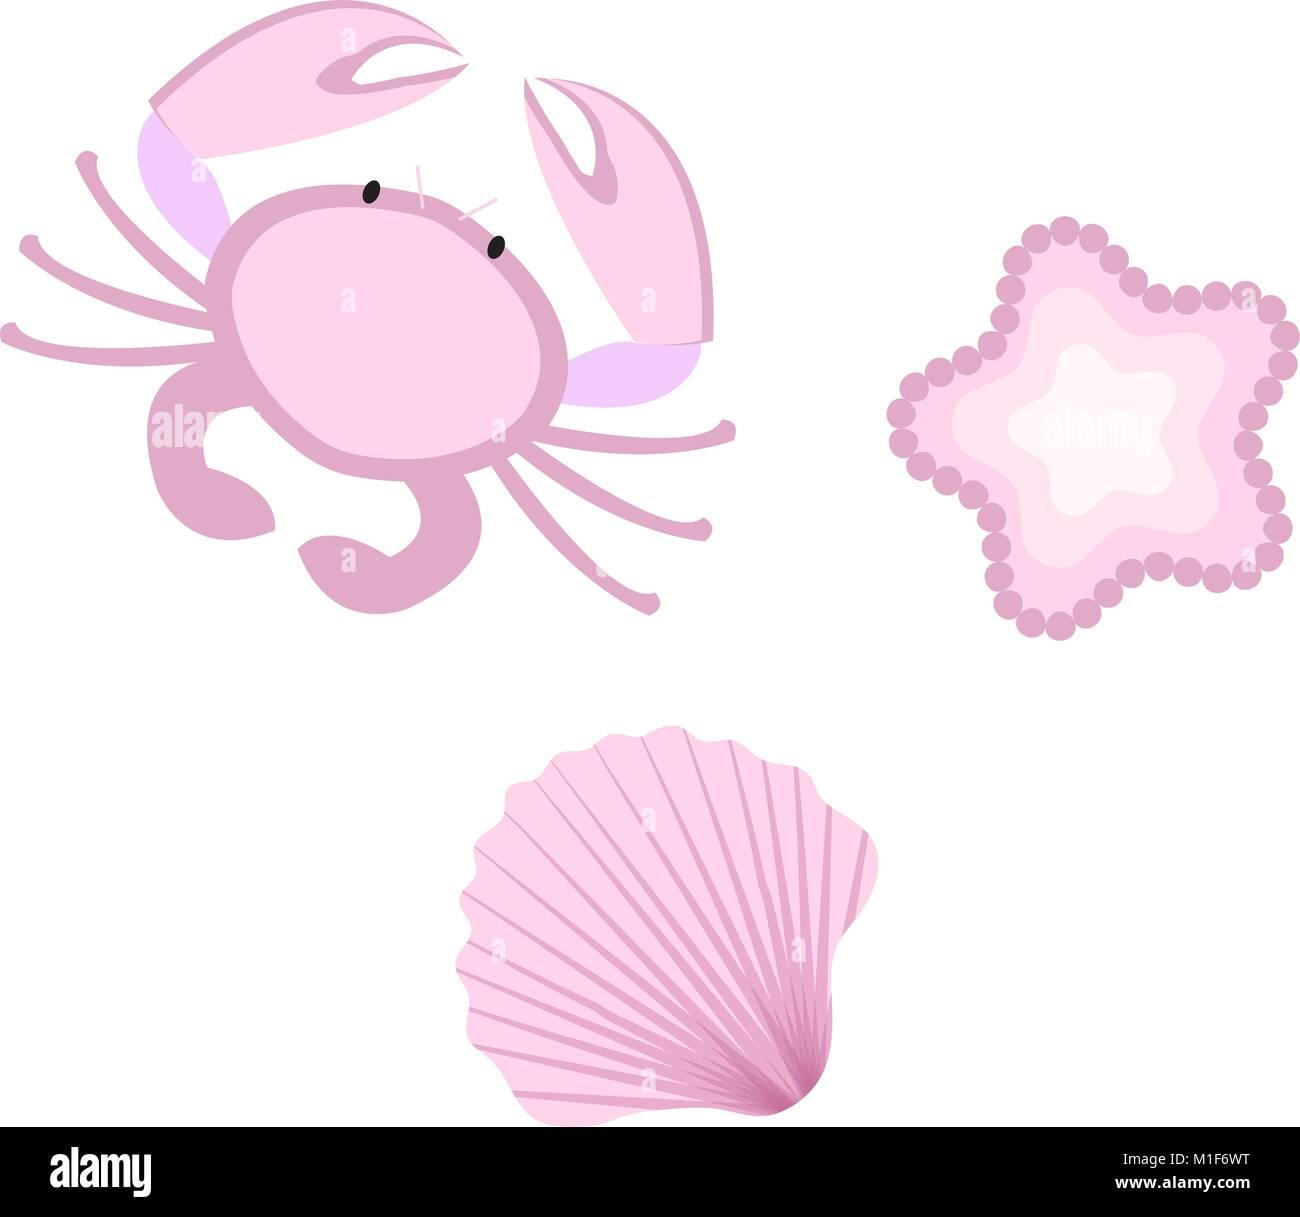 Erfreut Süße Krabbe Malvorlagen Fotos - Beispielzusammenfassung ...